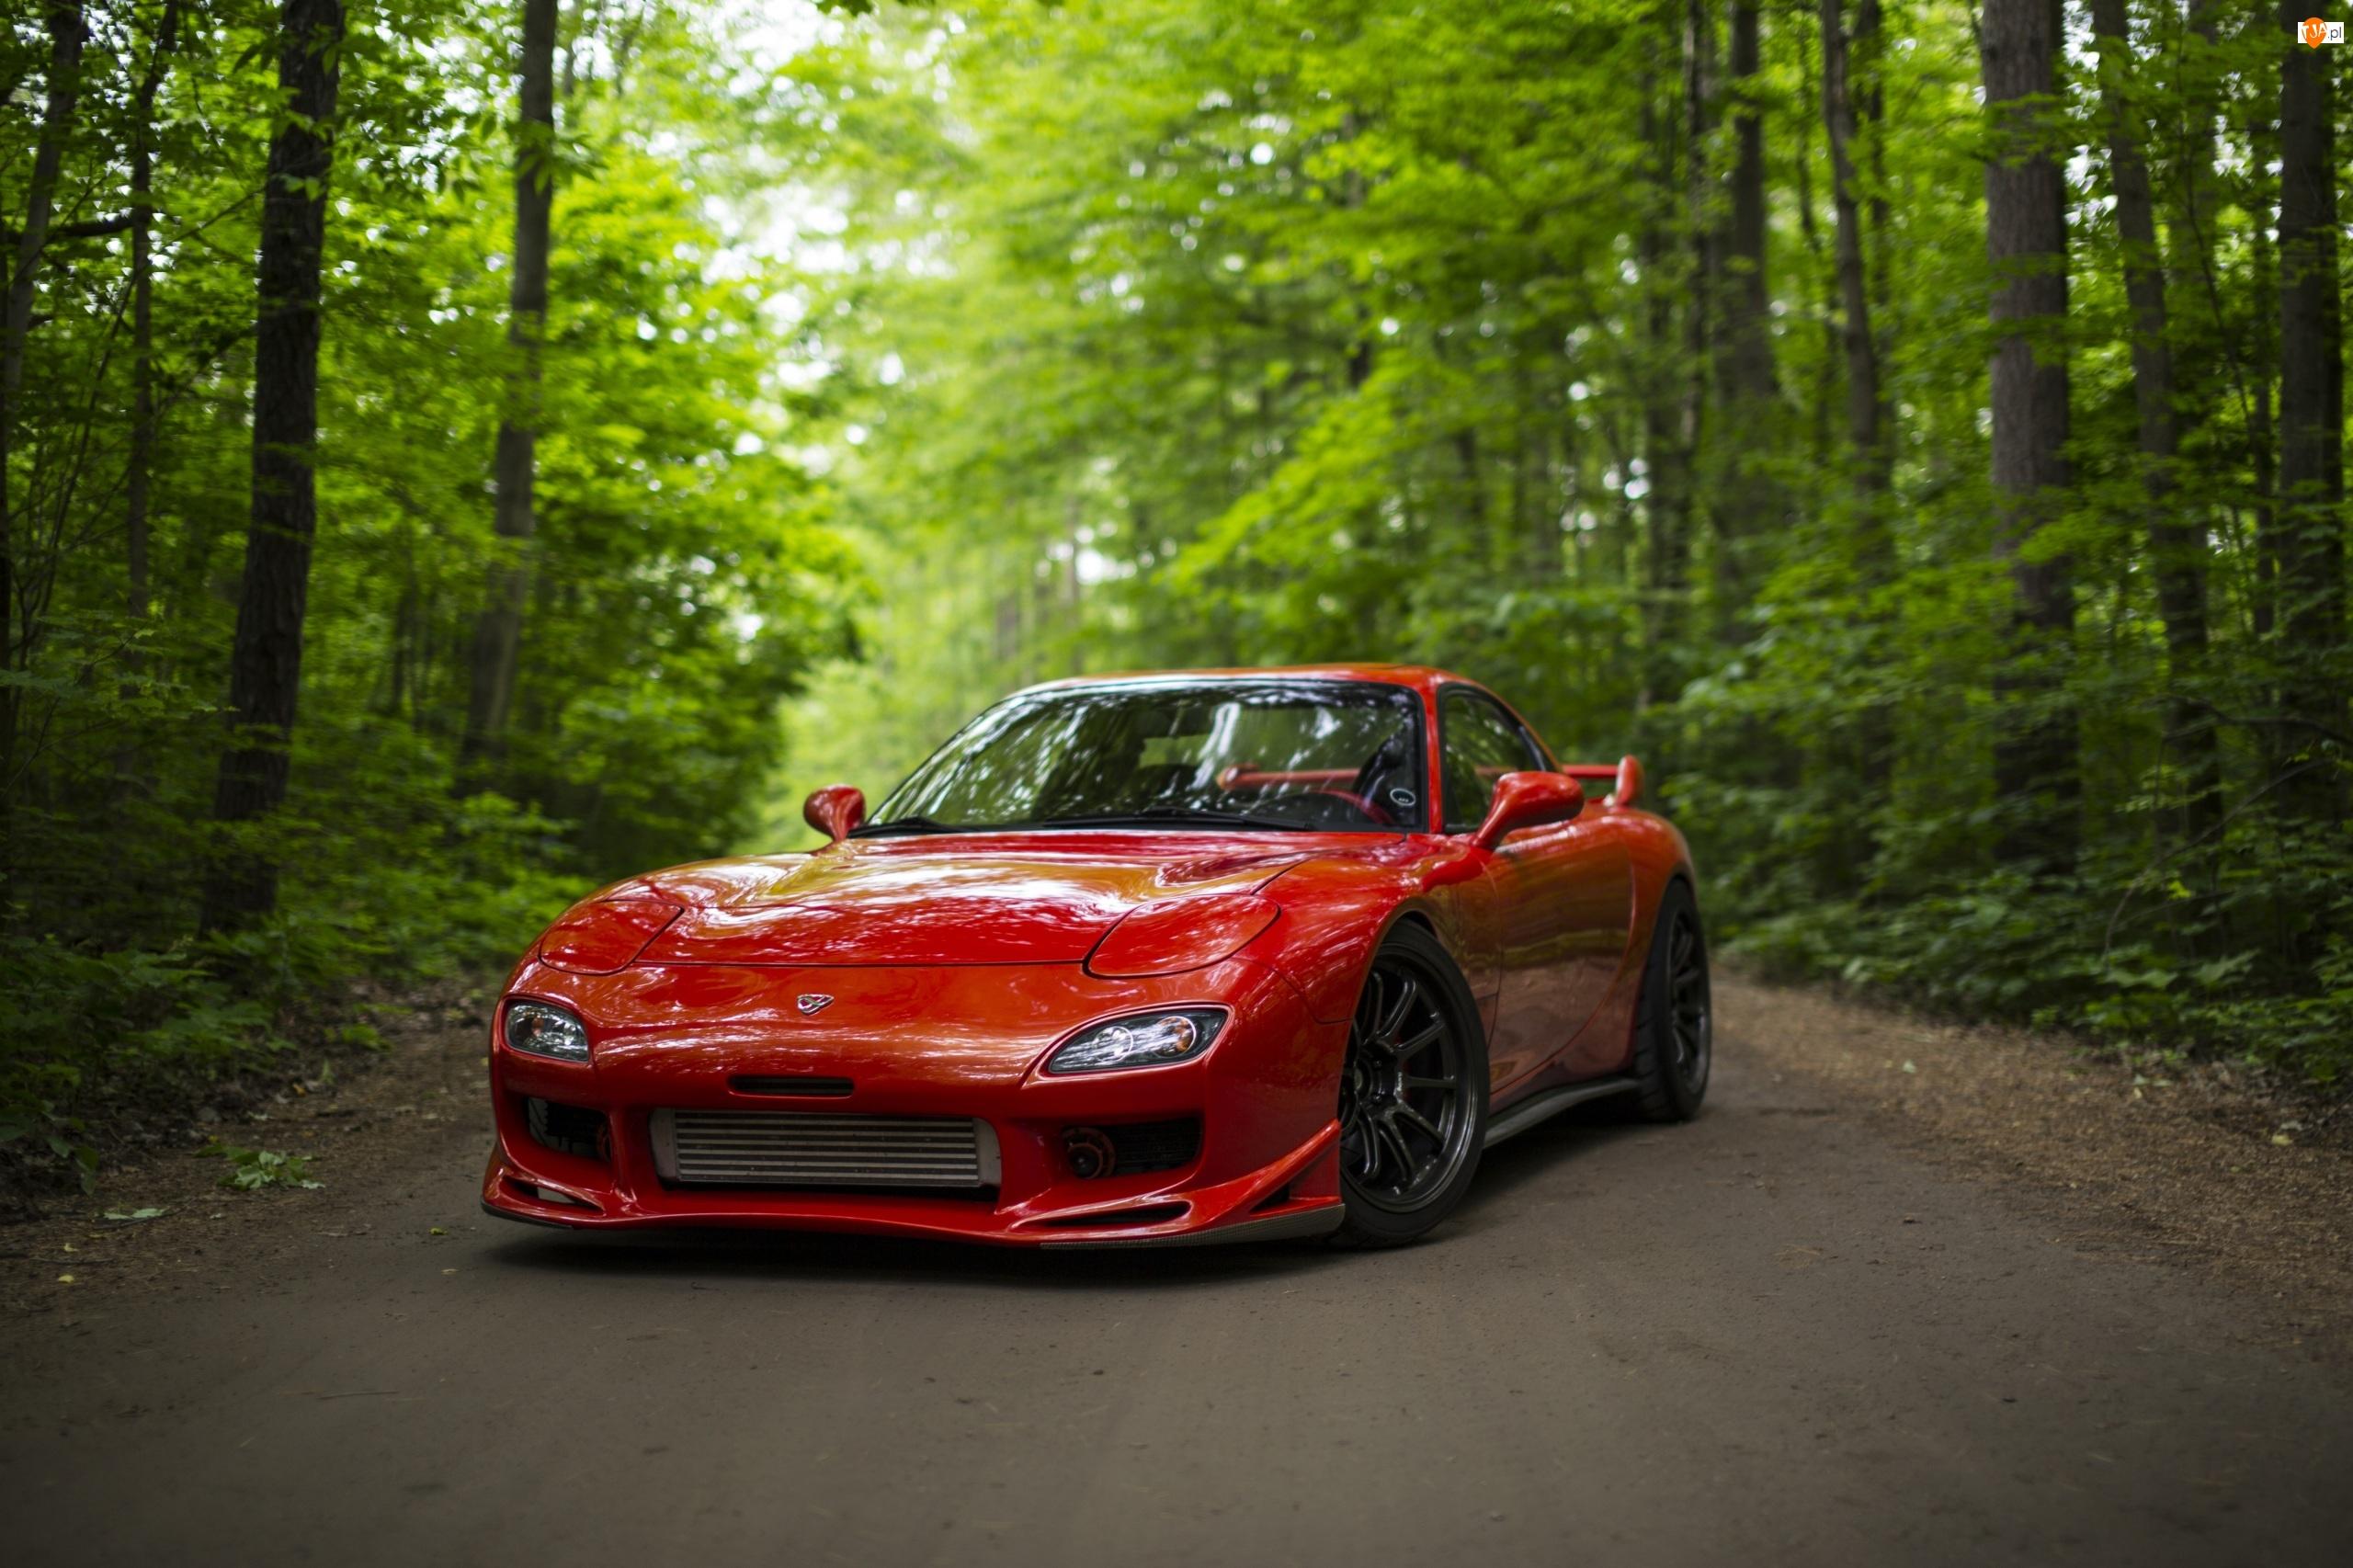 Drzewa, Czerwona, Mazda RX-7, Droga